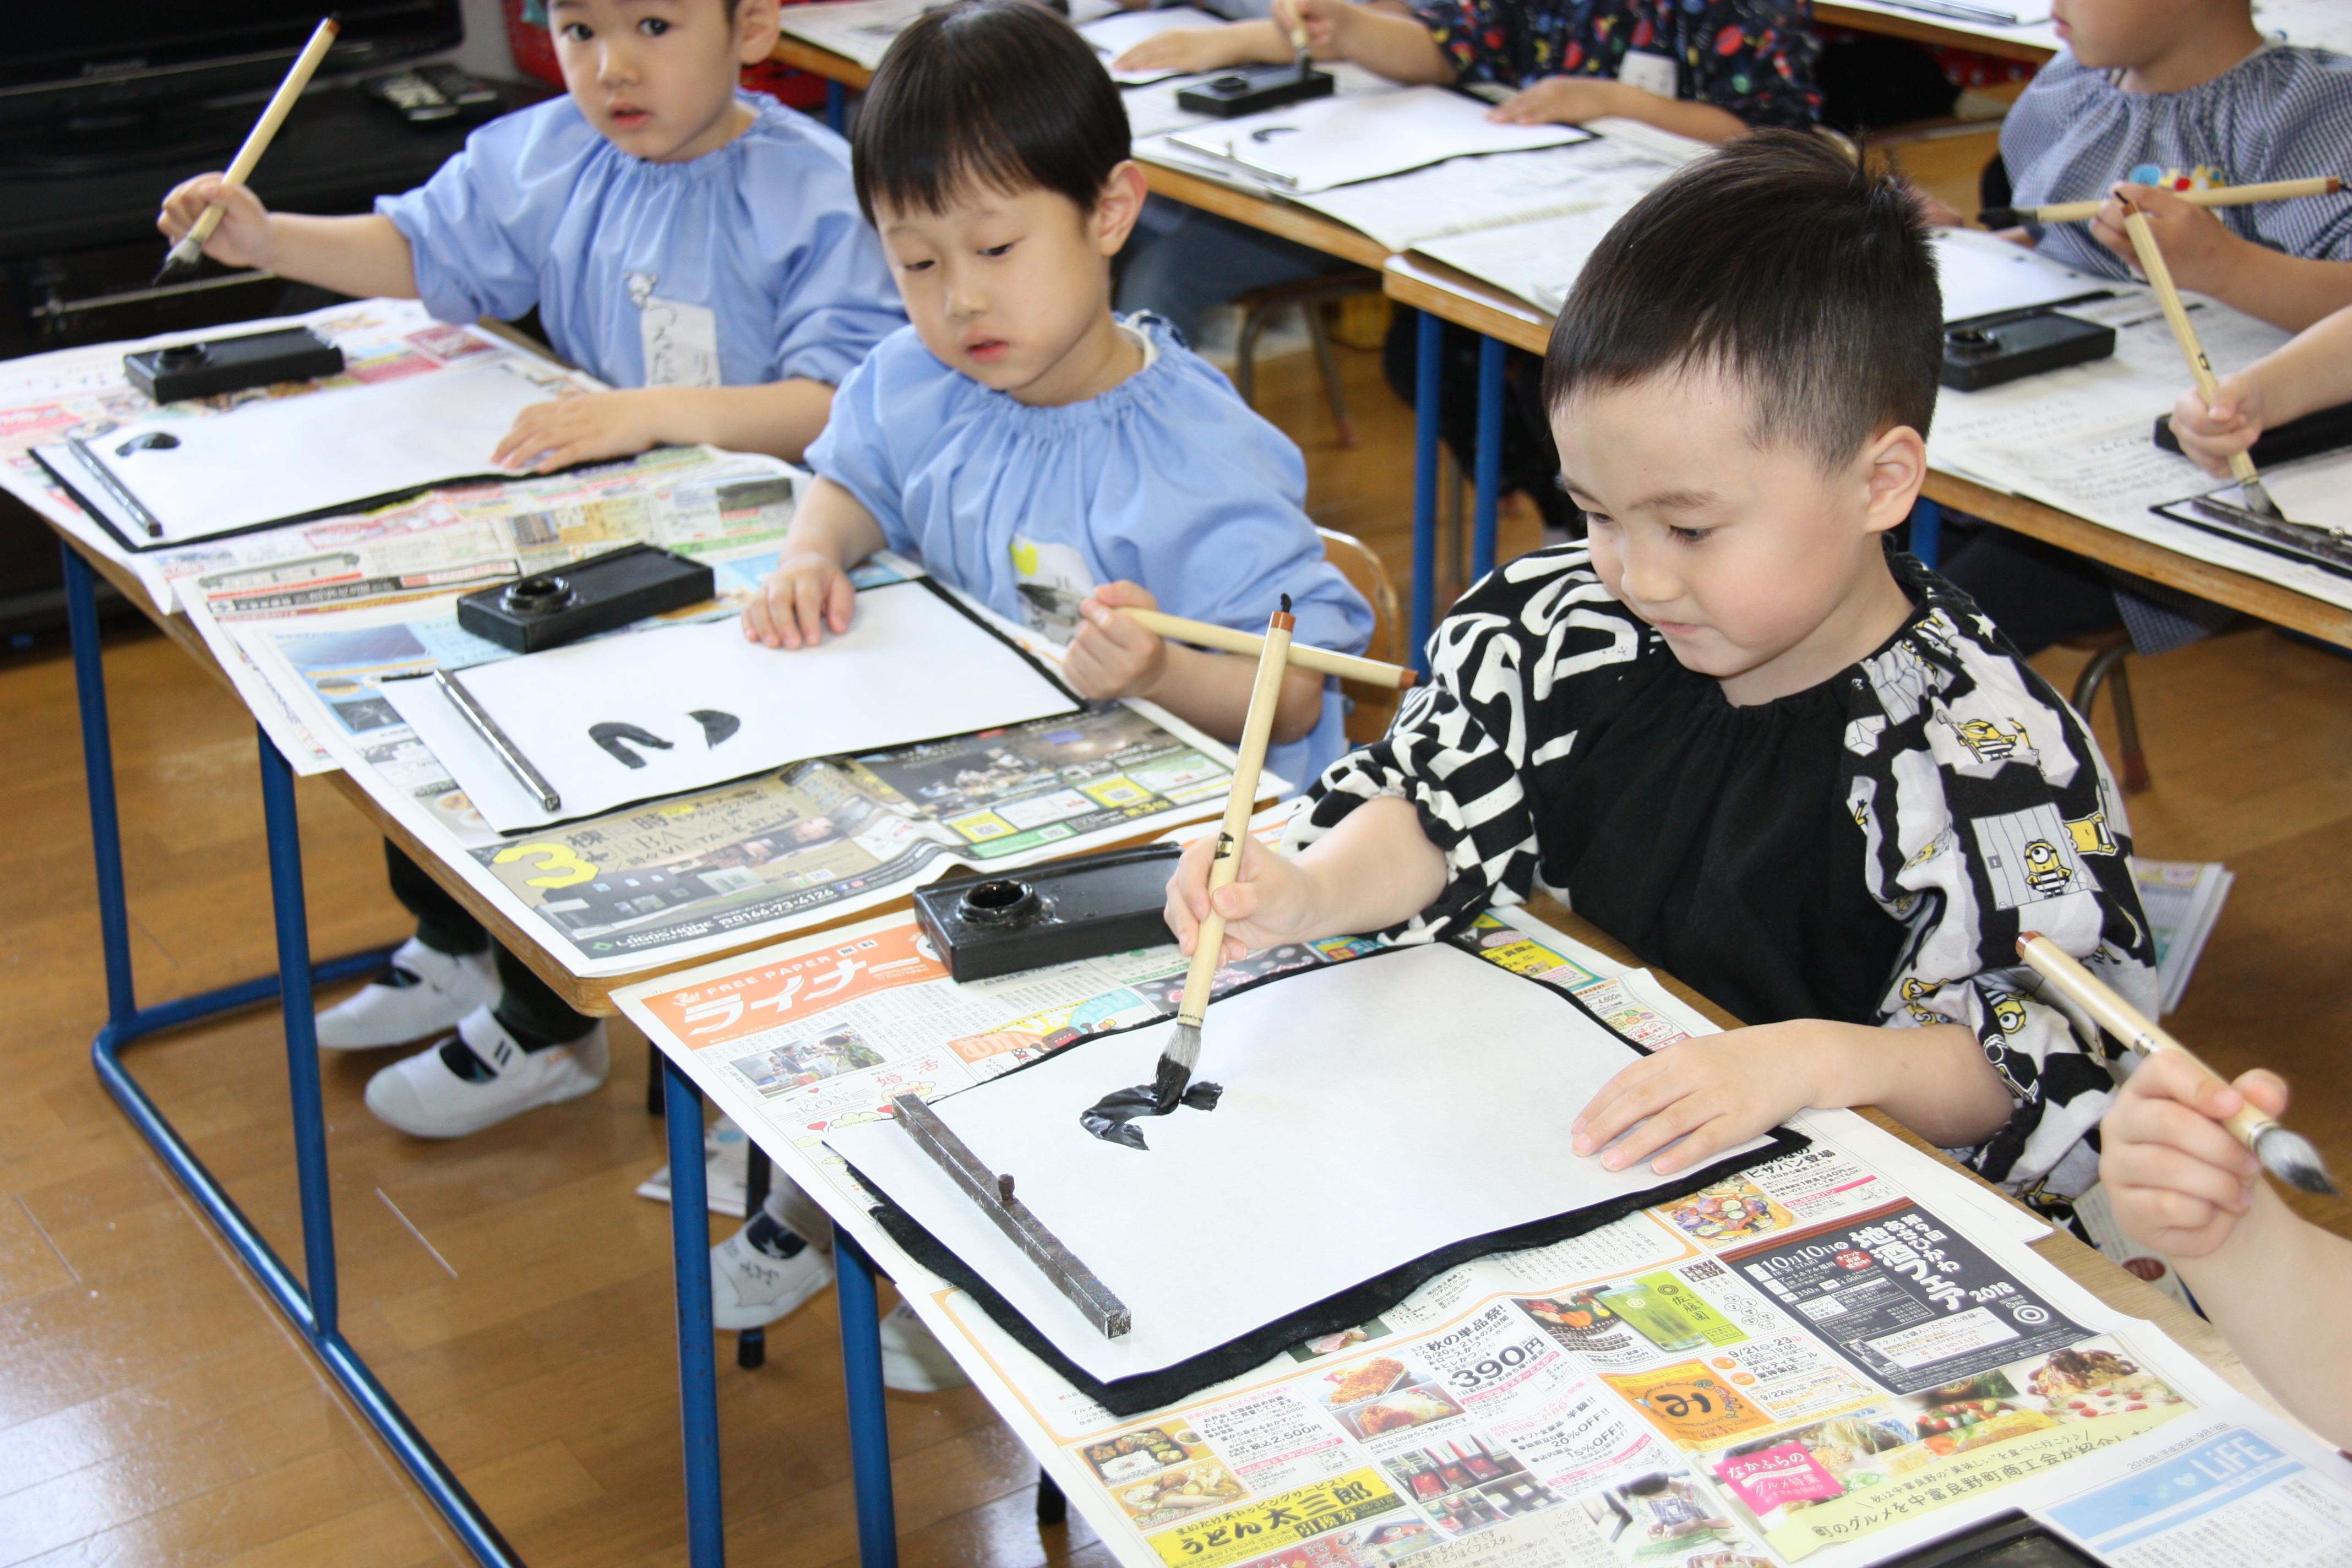 学校法人雪嶺学園 くりの木幼稚園 画像1